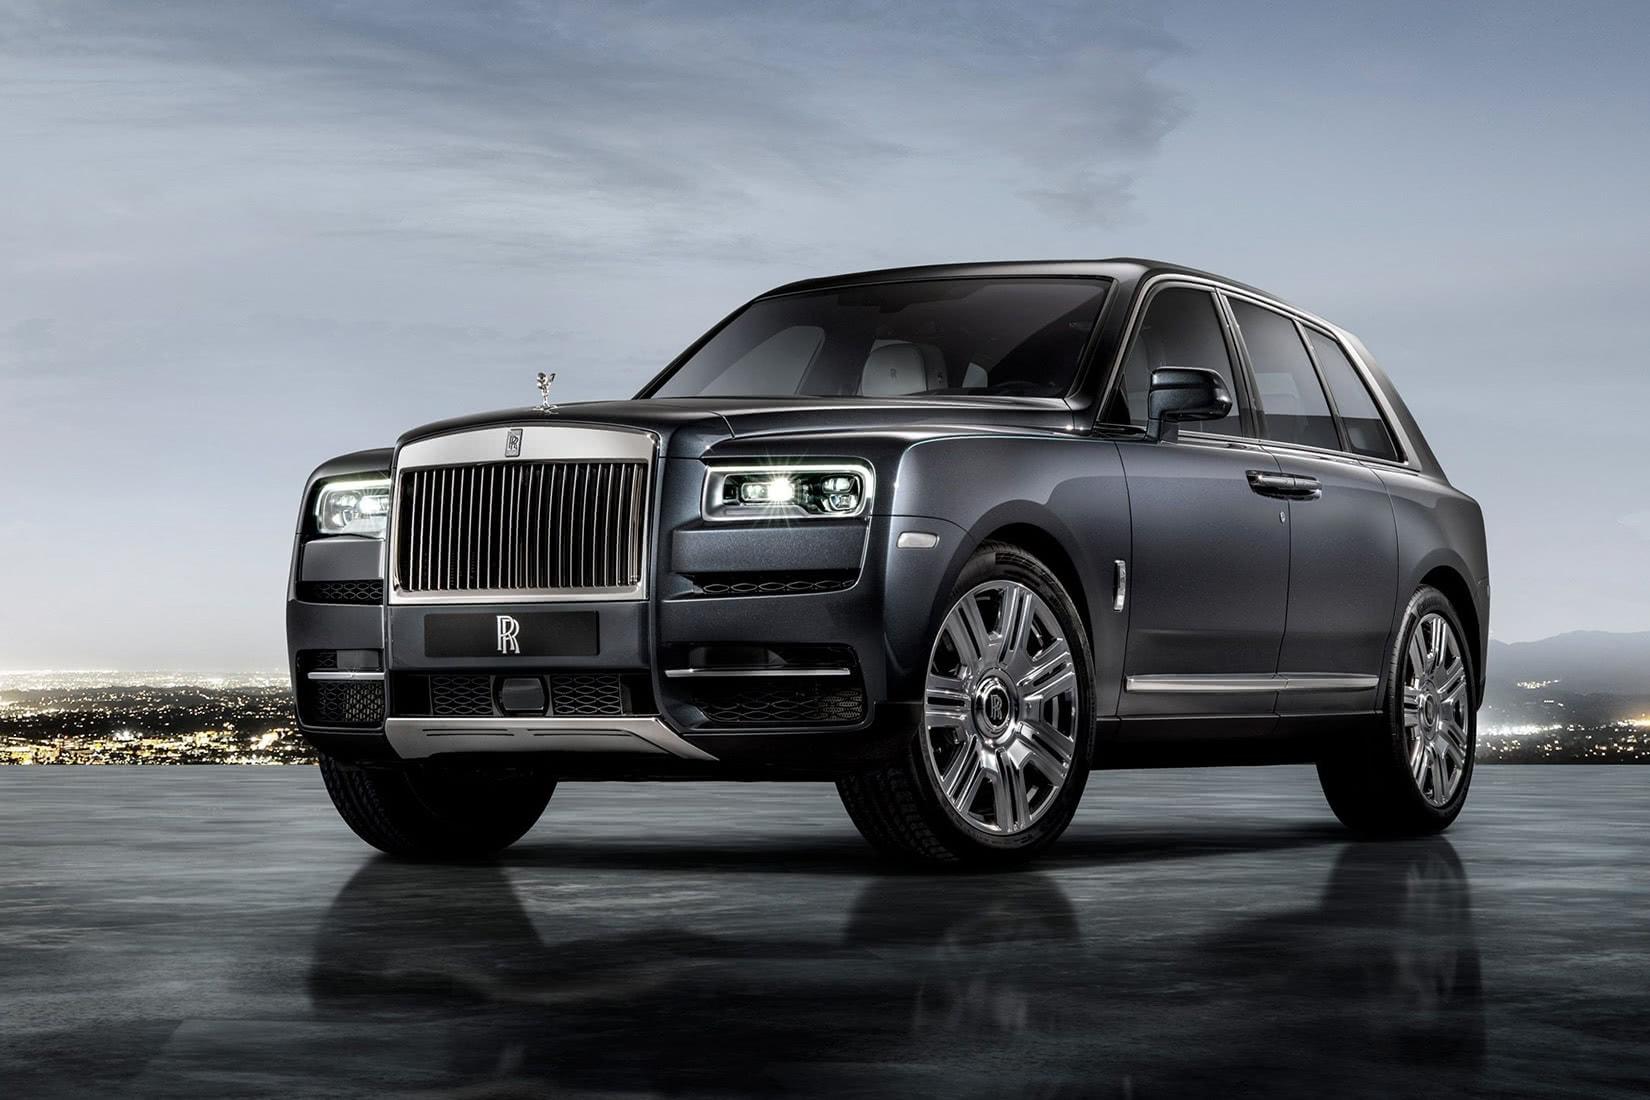 best luxury suv 2021 Rolls-Royce Cullinan - Luxe Digital